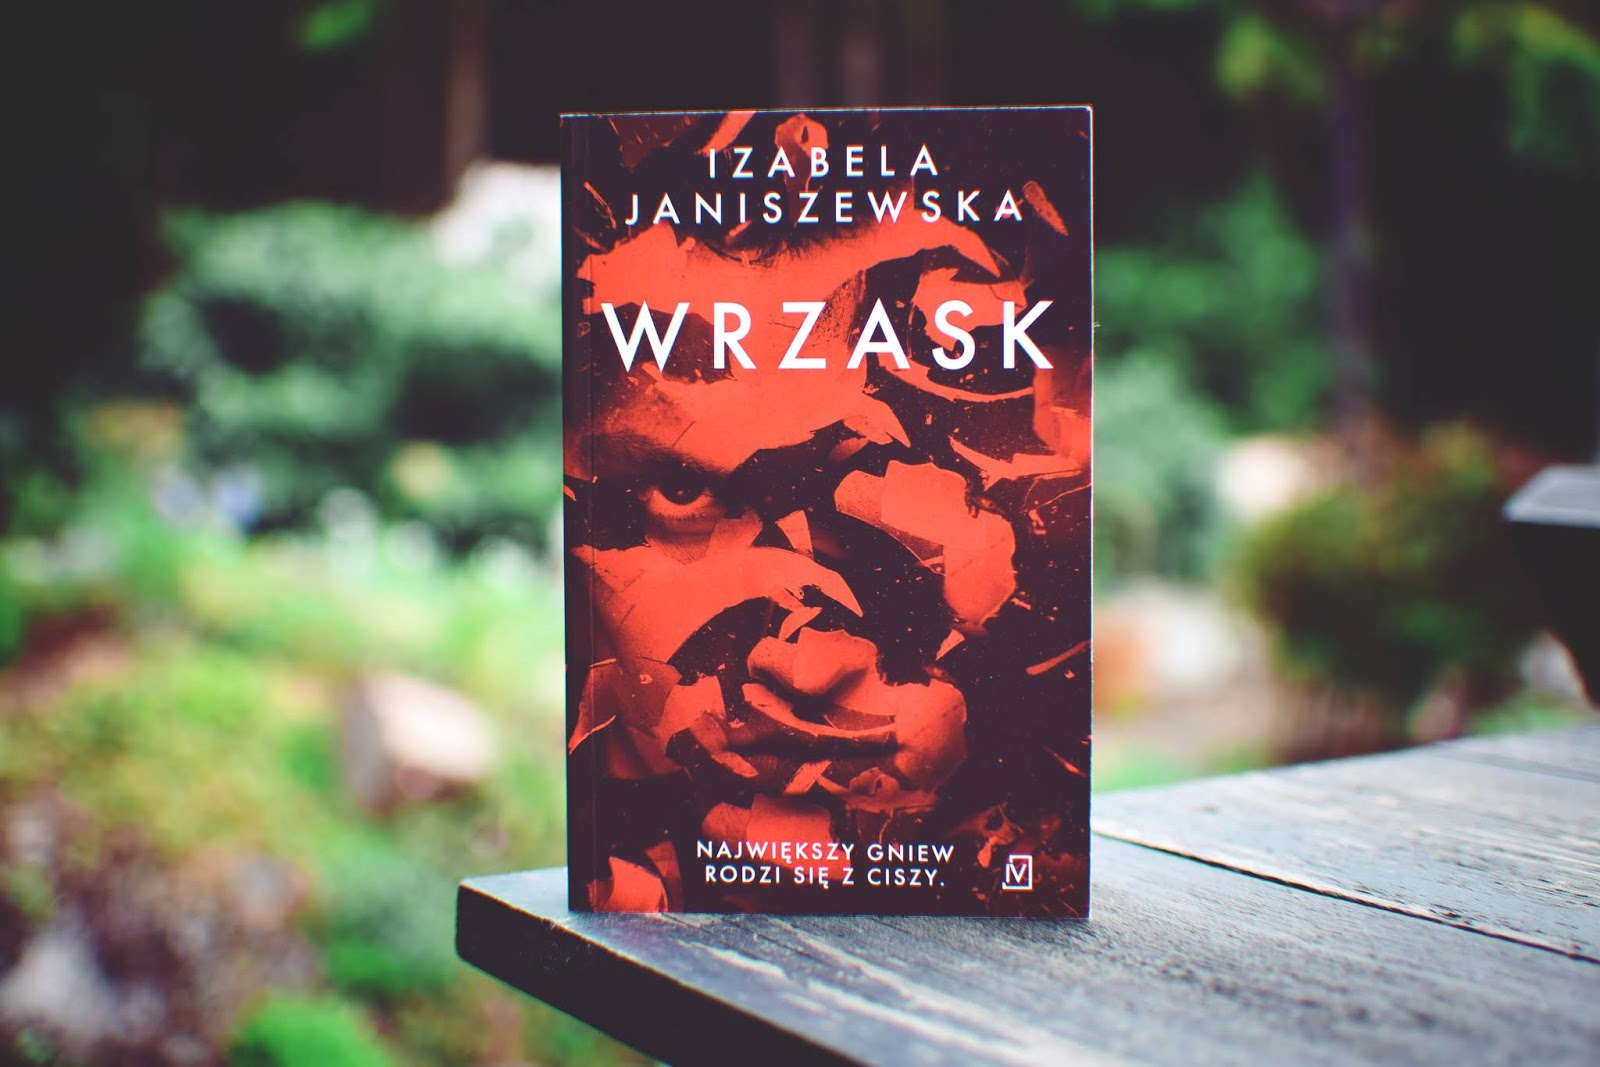 IzabelaJaniszewska, kryminał, opowiadanie, recenzja, sensacja, Wrzask, WydawnictwoCzwartaStrona,